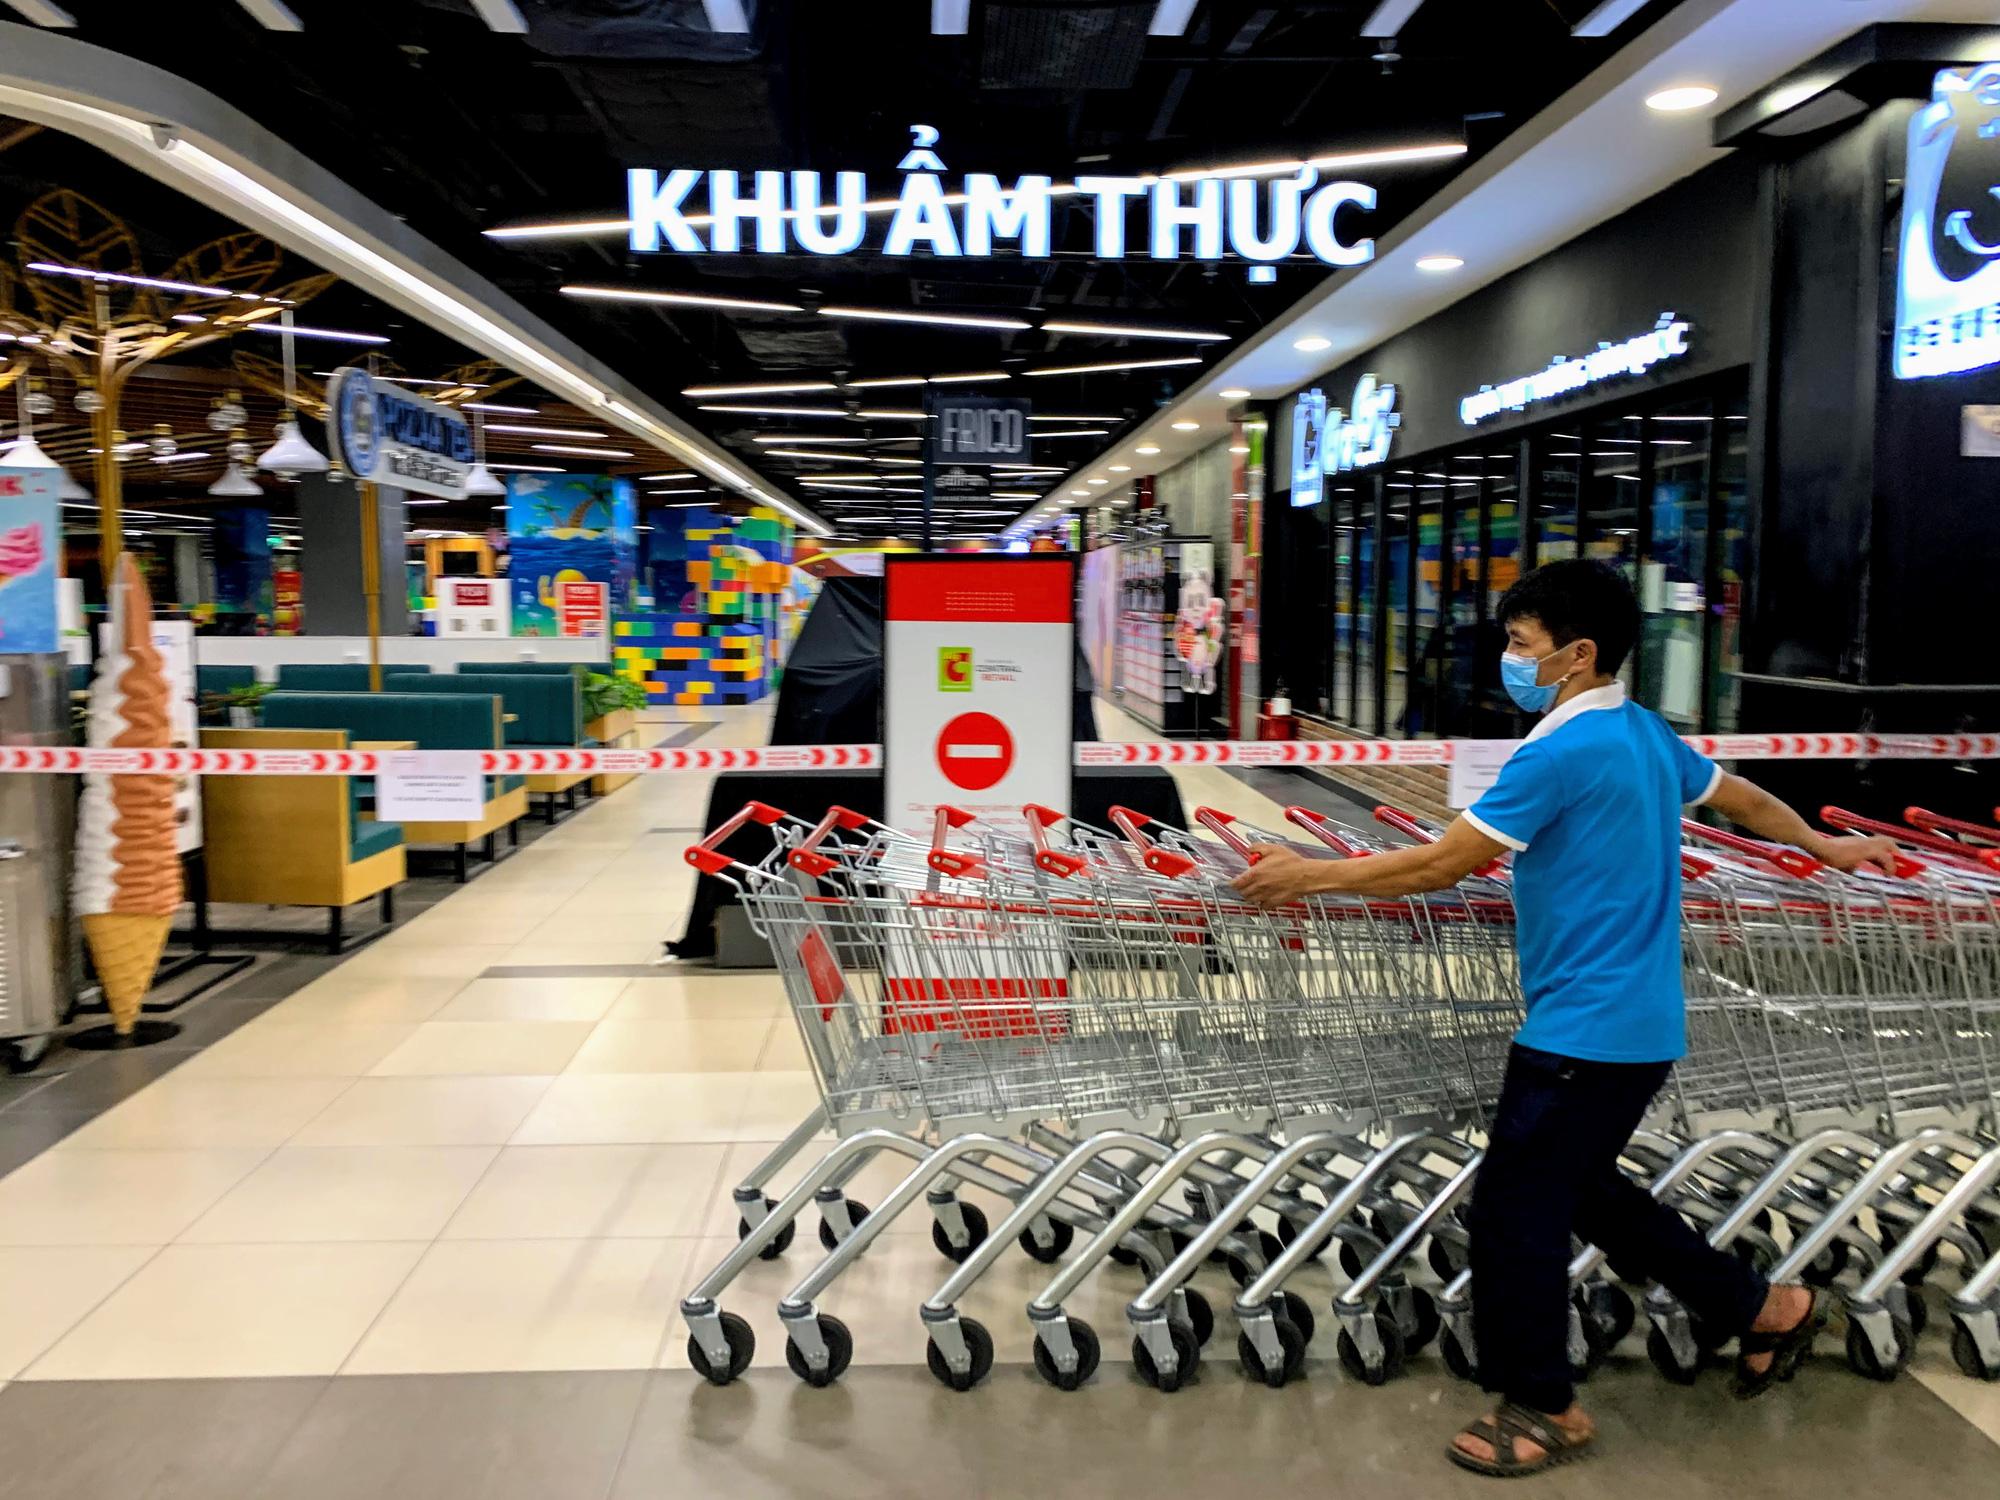 Cận cảnh ngày đầu chống dịch ở Hà Nội: Các cơ sở dịch vụ đóng cửa, siêu thị tiếp tục hoạt động, hàng hoá đầy ăm ắp vắng người mua - Ảnh 9.